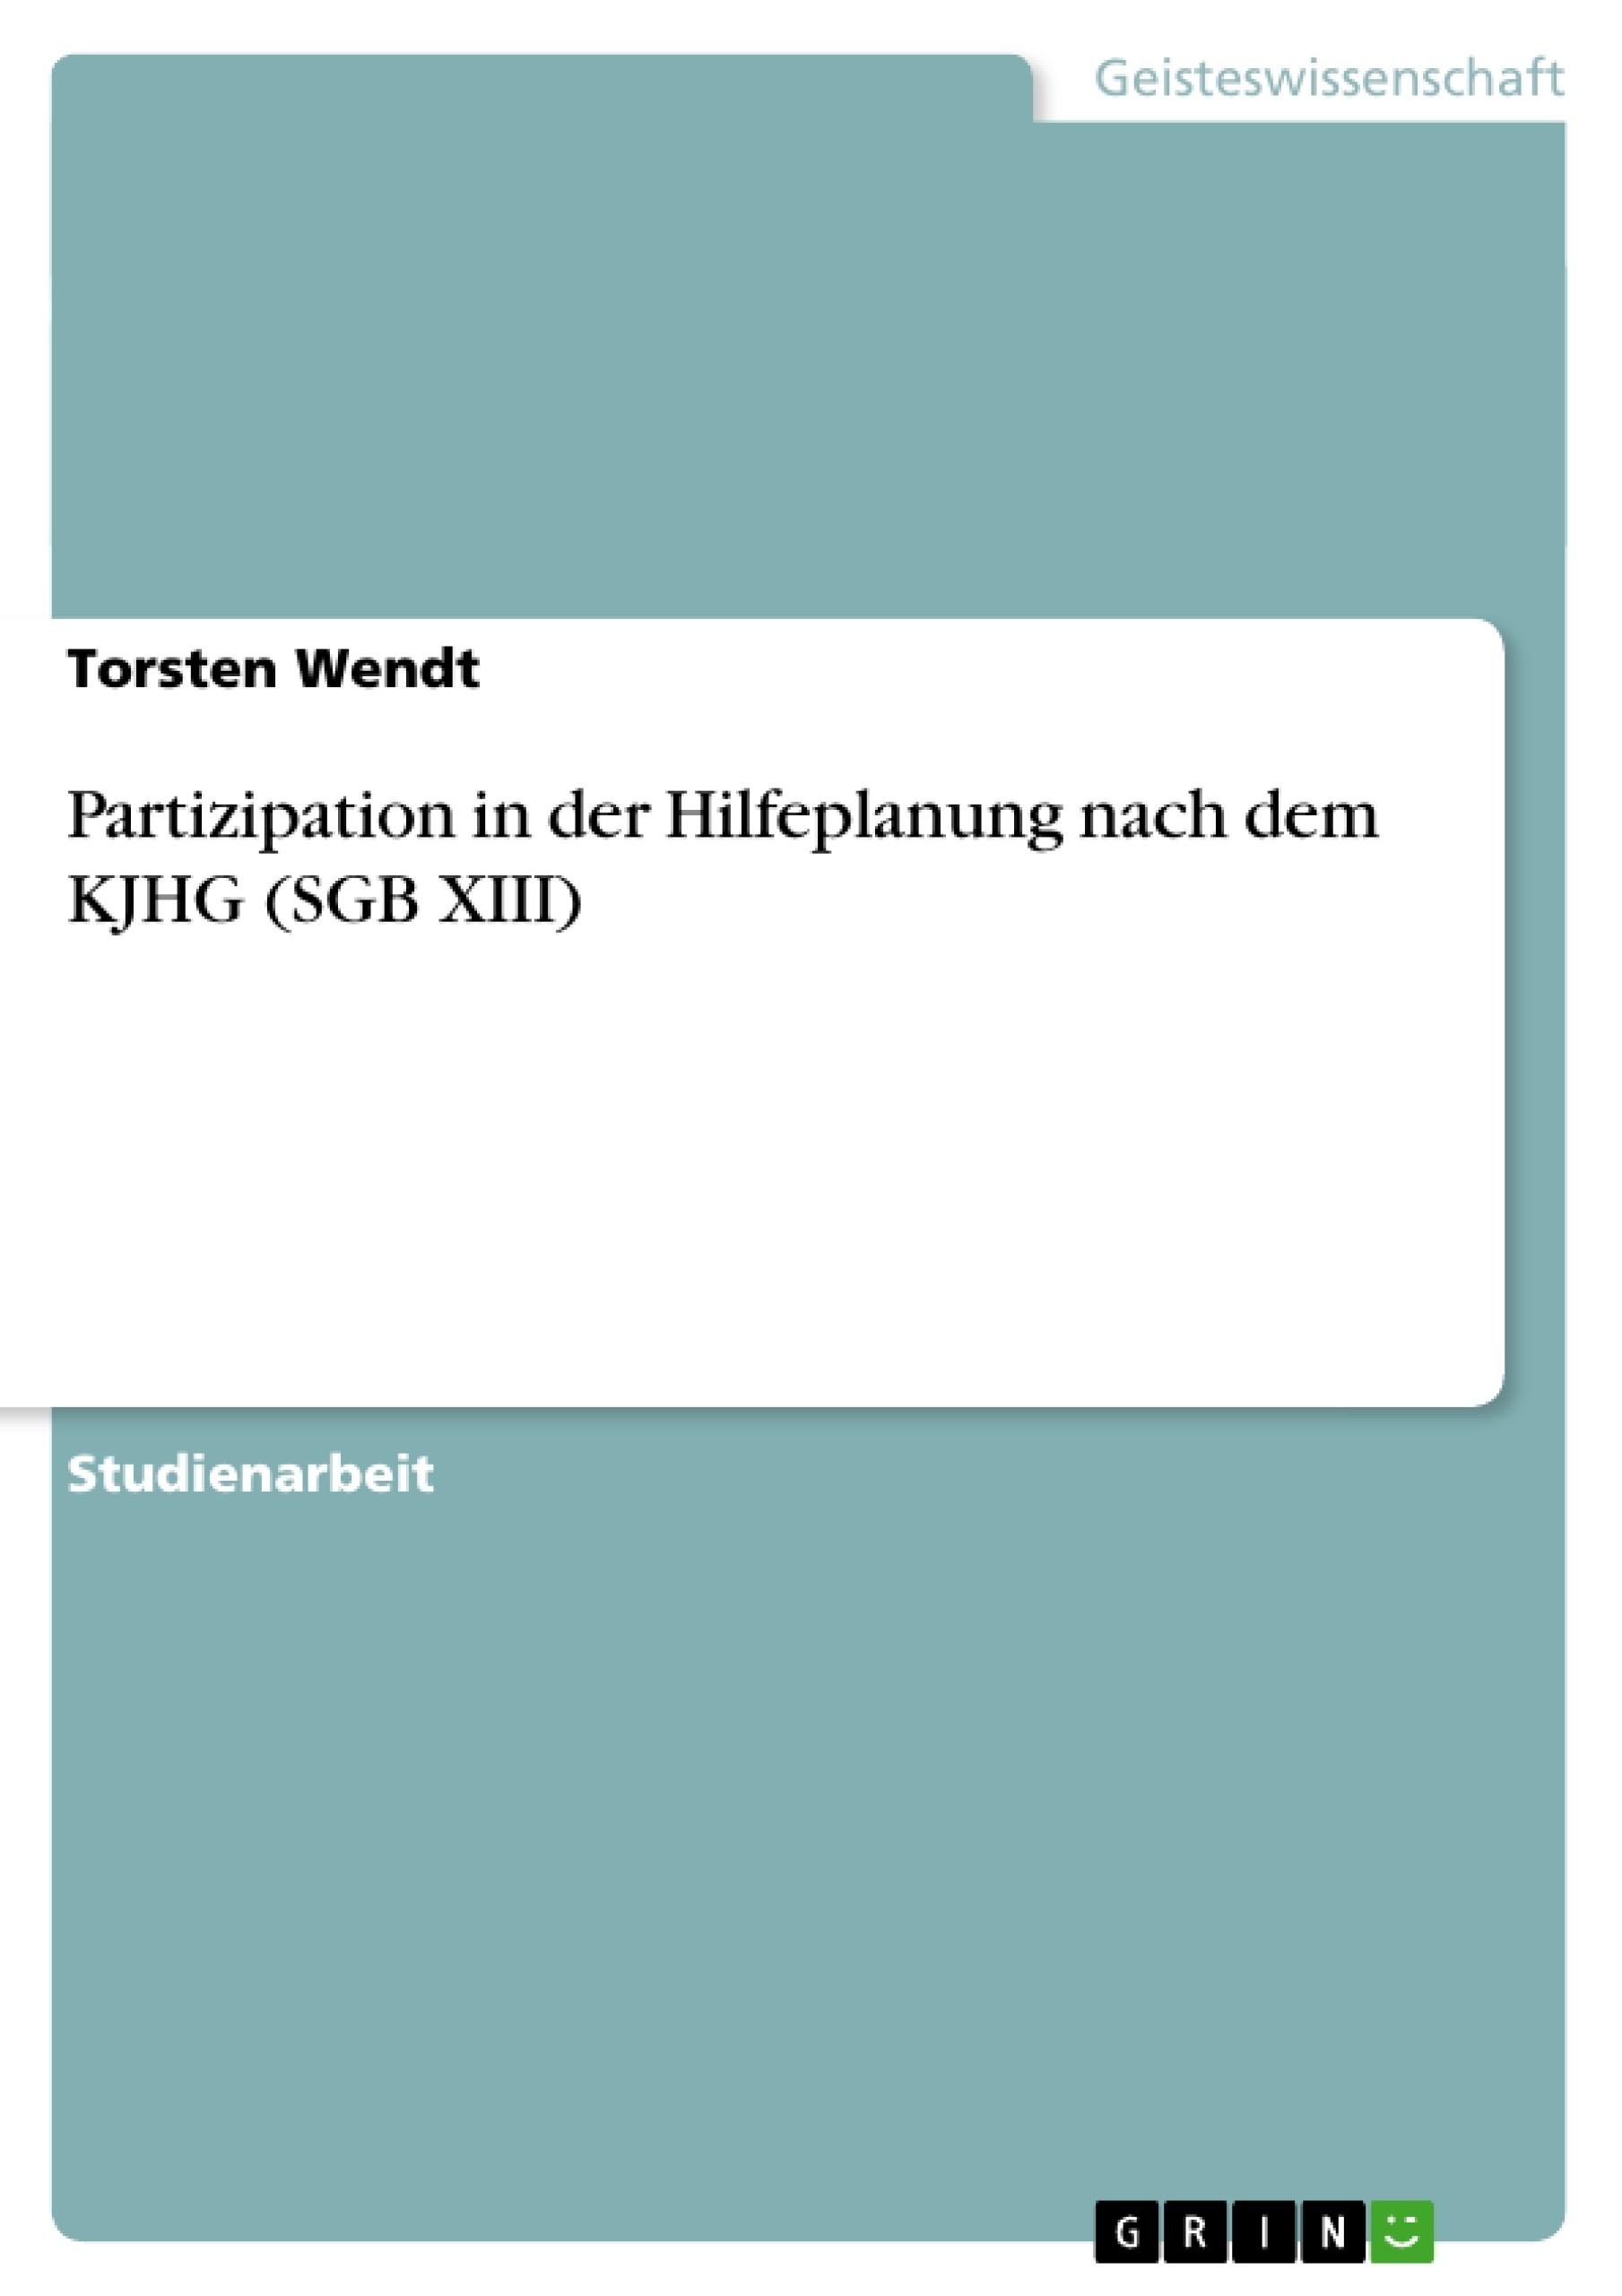 Titel: Partizipation in der Hilfeplanung nach dem KJHG (SGB XIII)